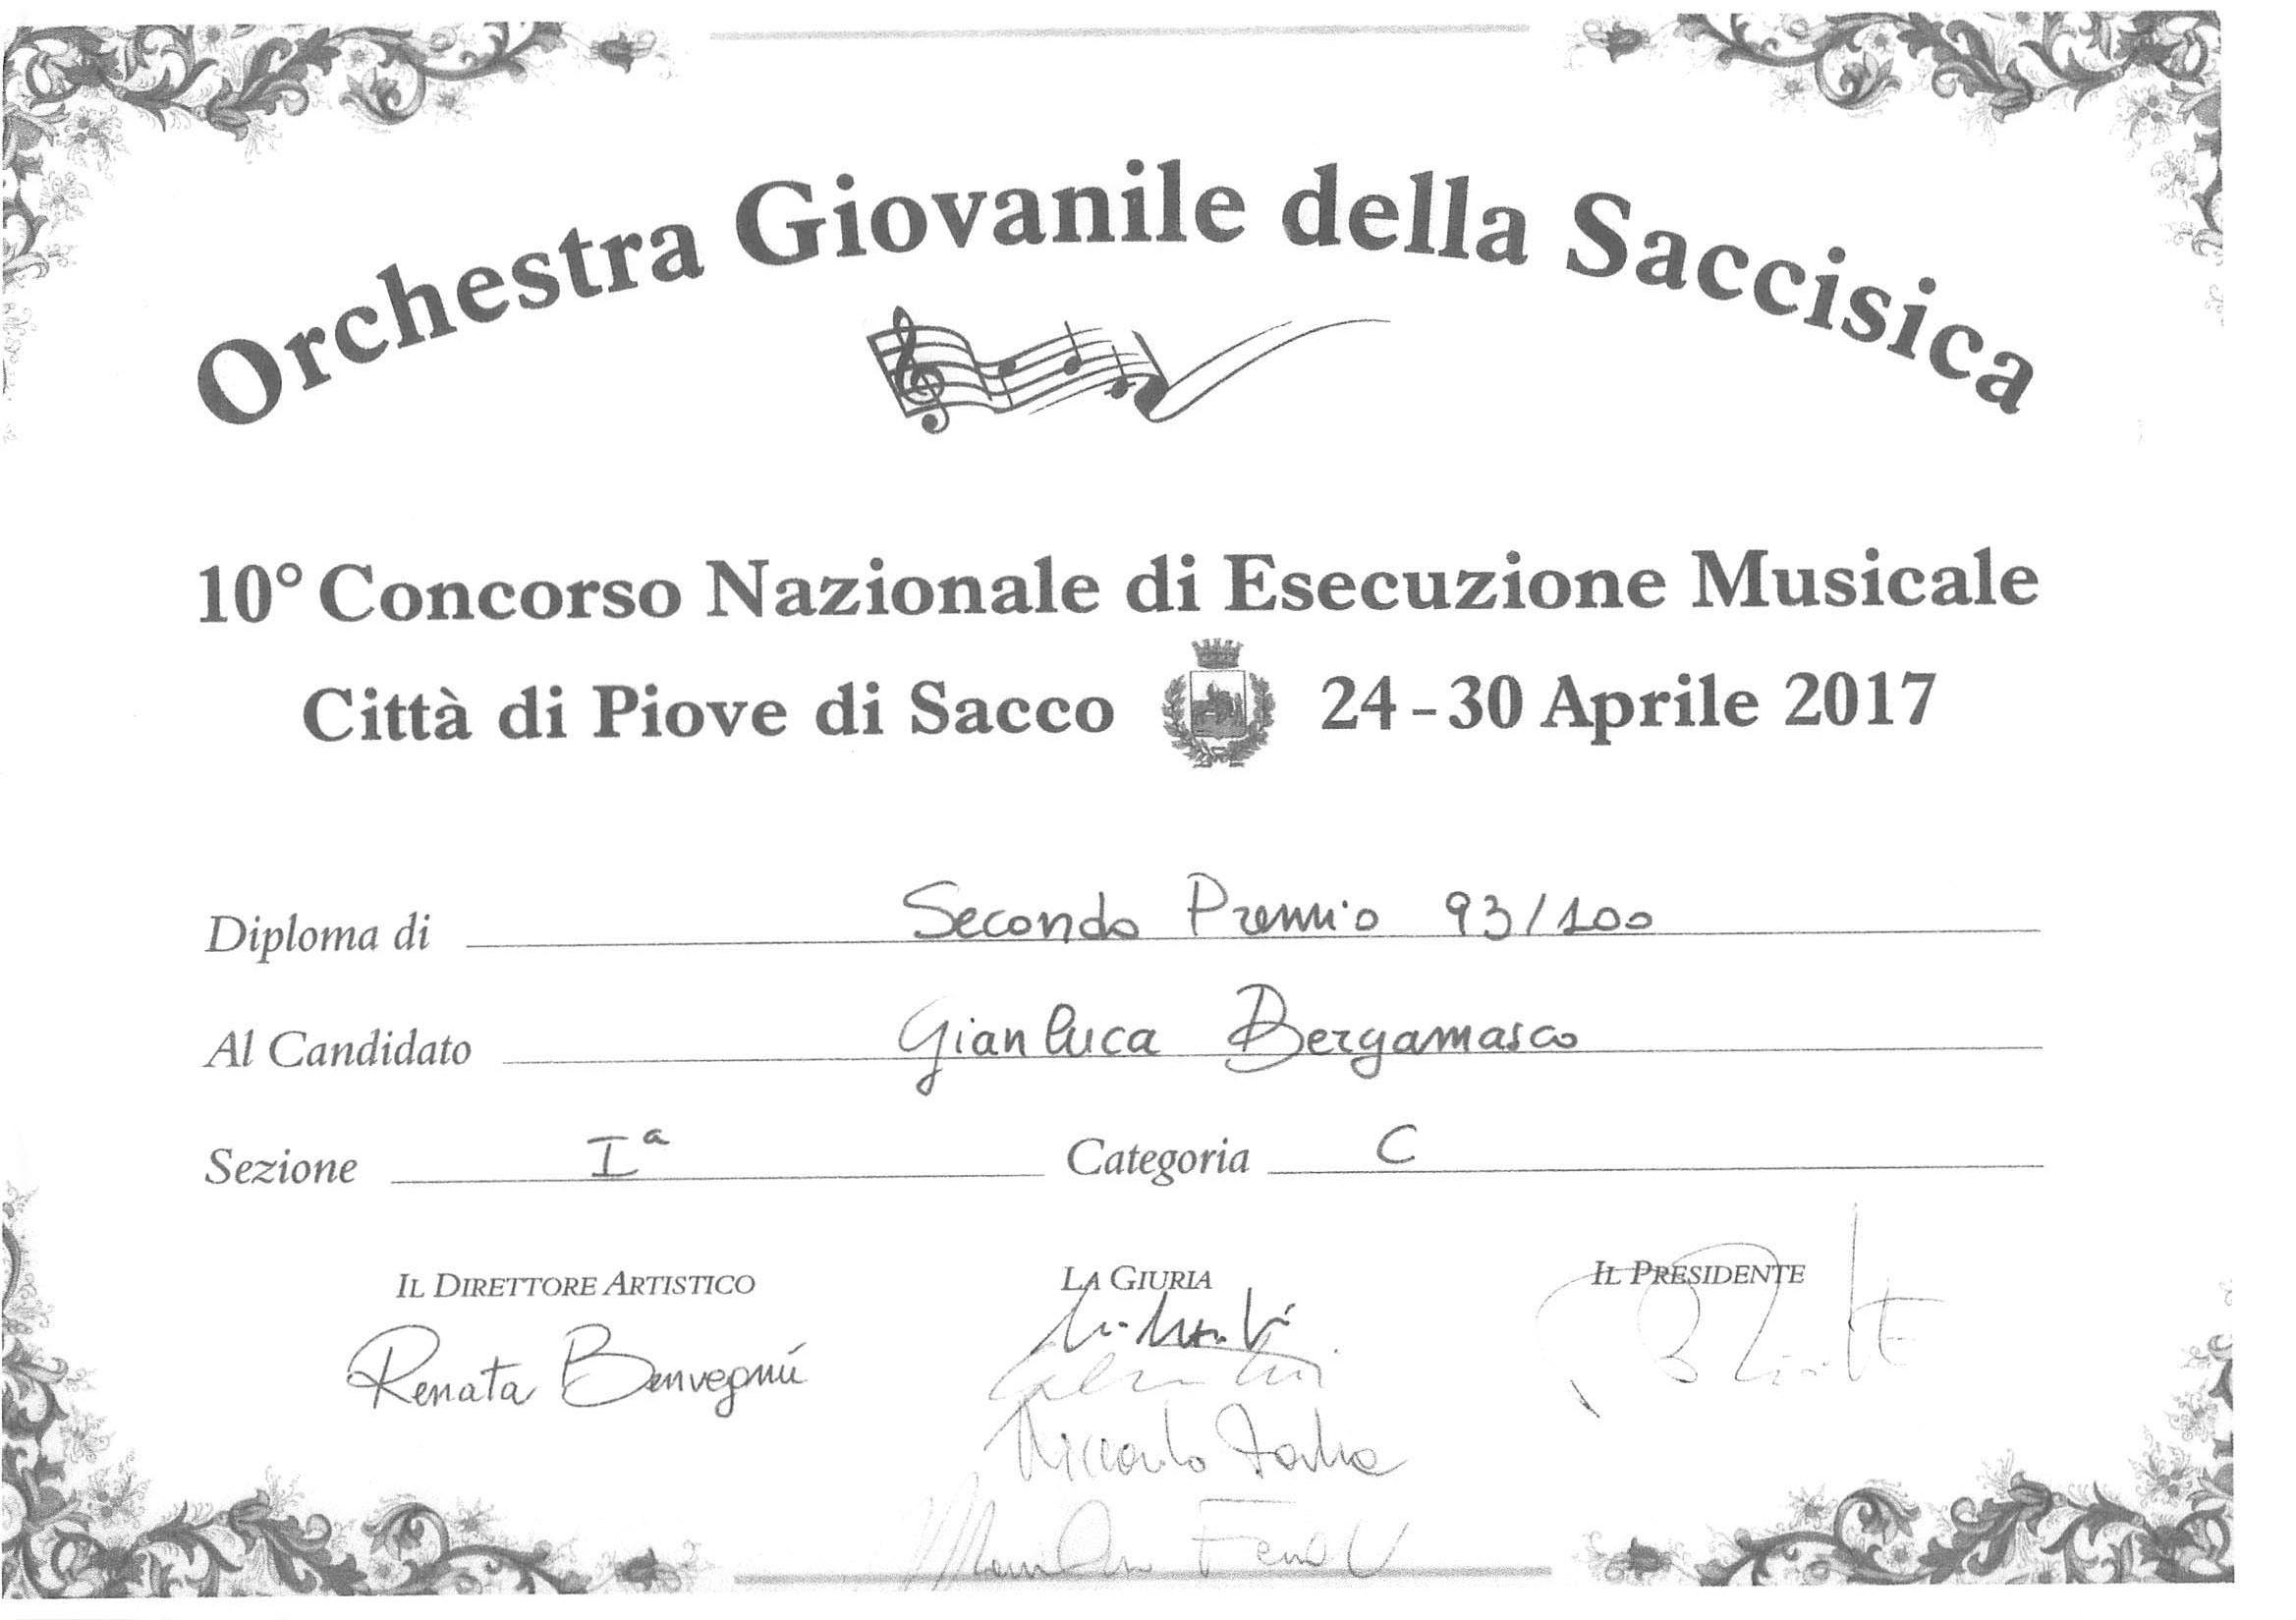 Gianluca Bergamasco – 2° Premio Concorso Nazionale di Esecuzione Musicale Città di Piove di Sacco – aprile 2017